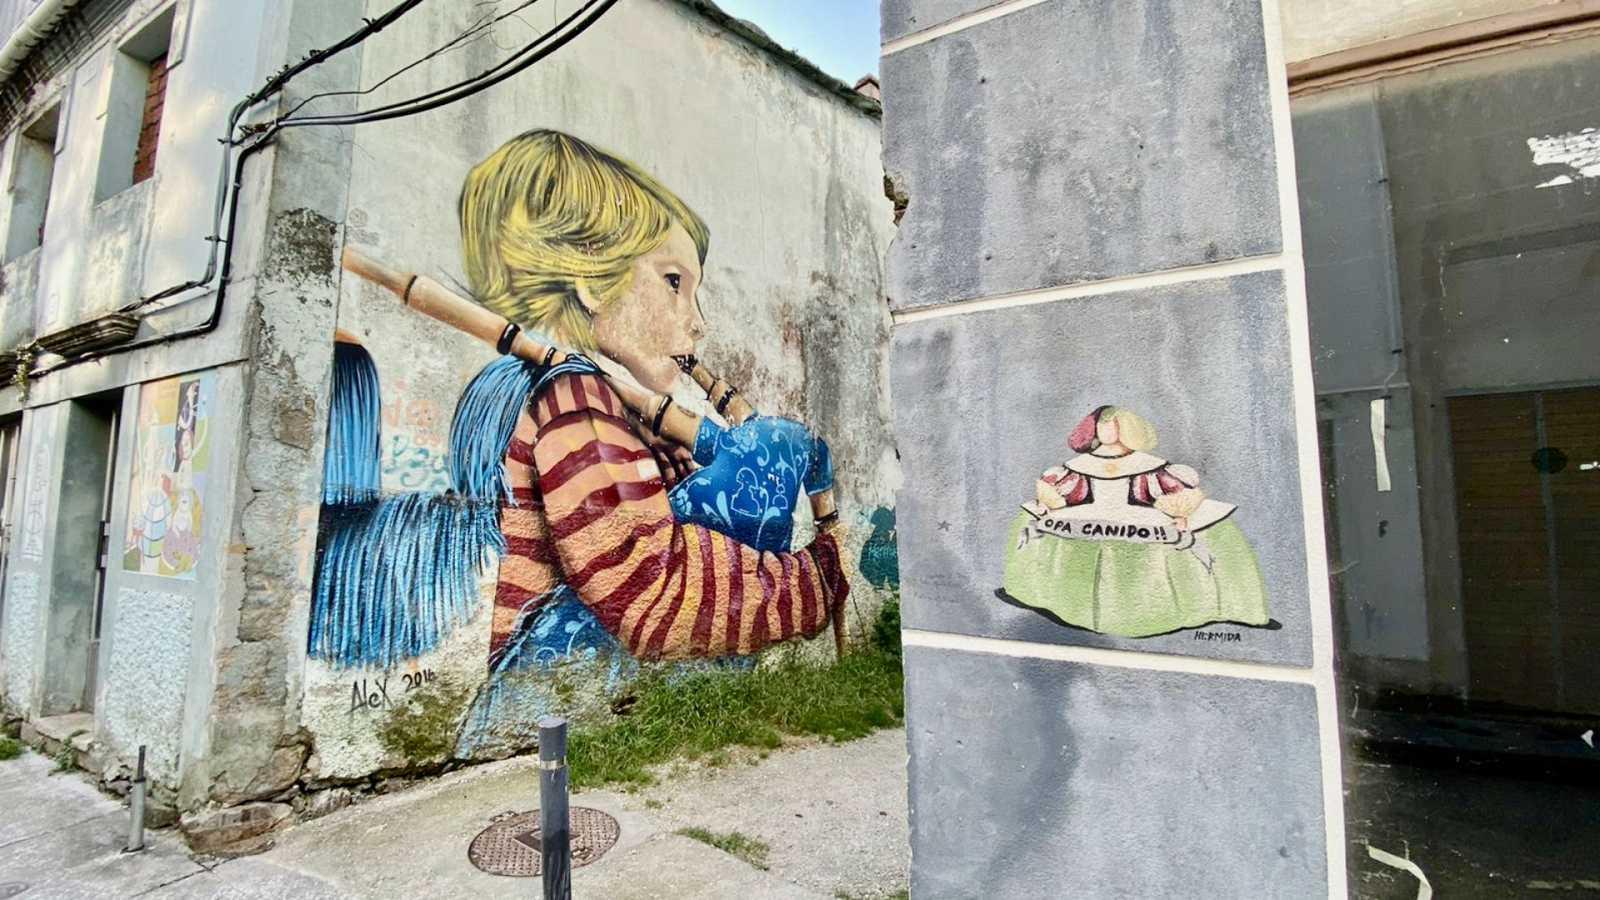 Global 5 - Arte Urbano A Corun¿a (II): Meninas de Canido 2020 - 03/09/20 - escuchar ahora